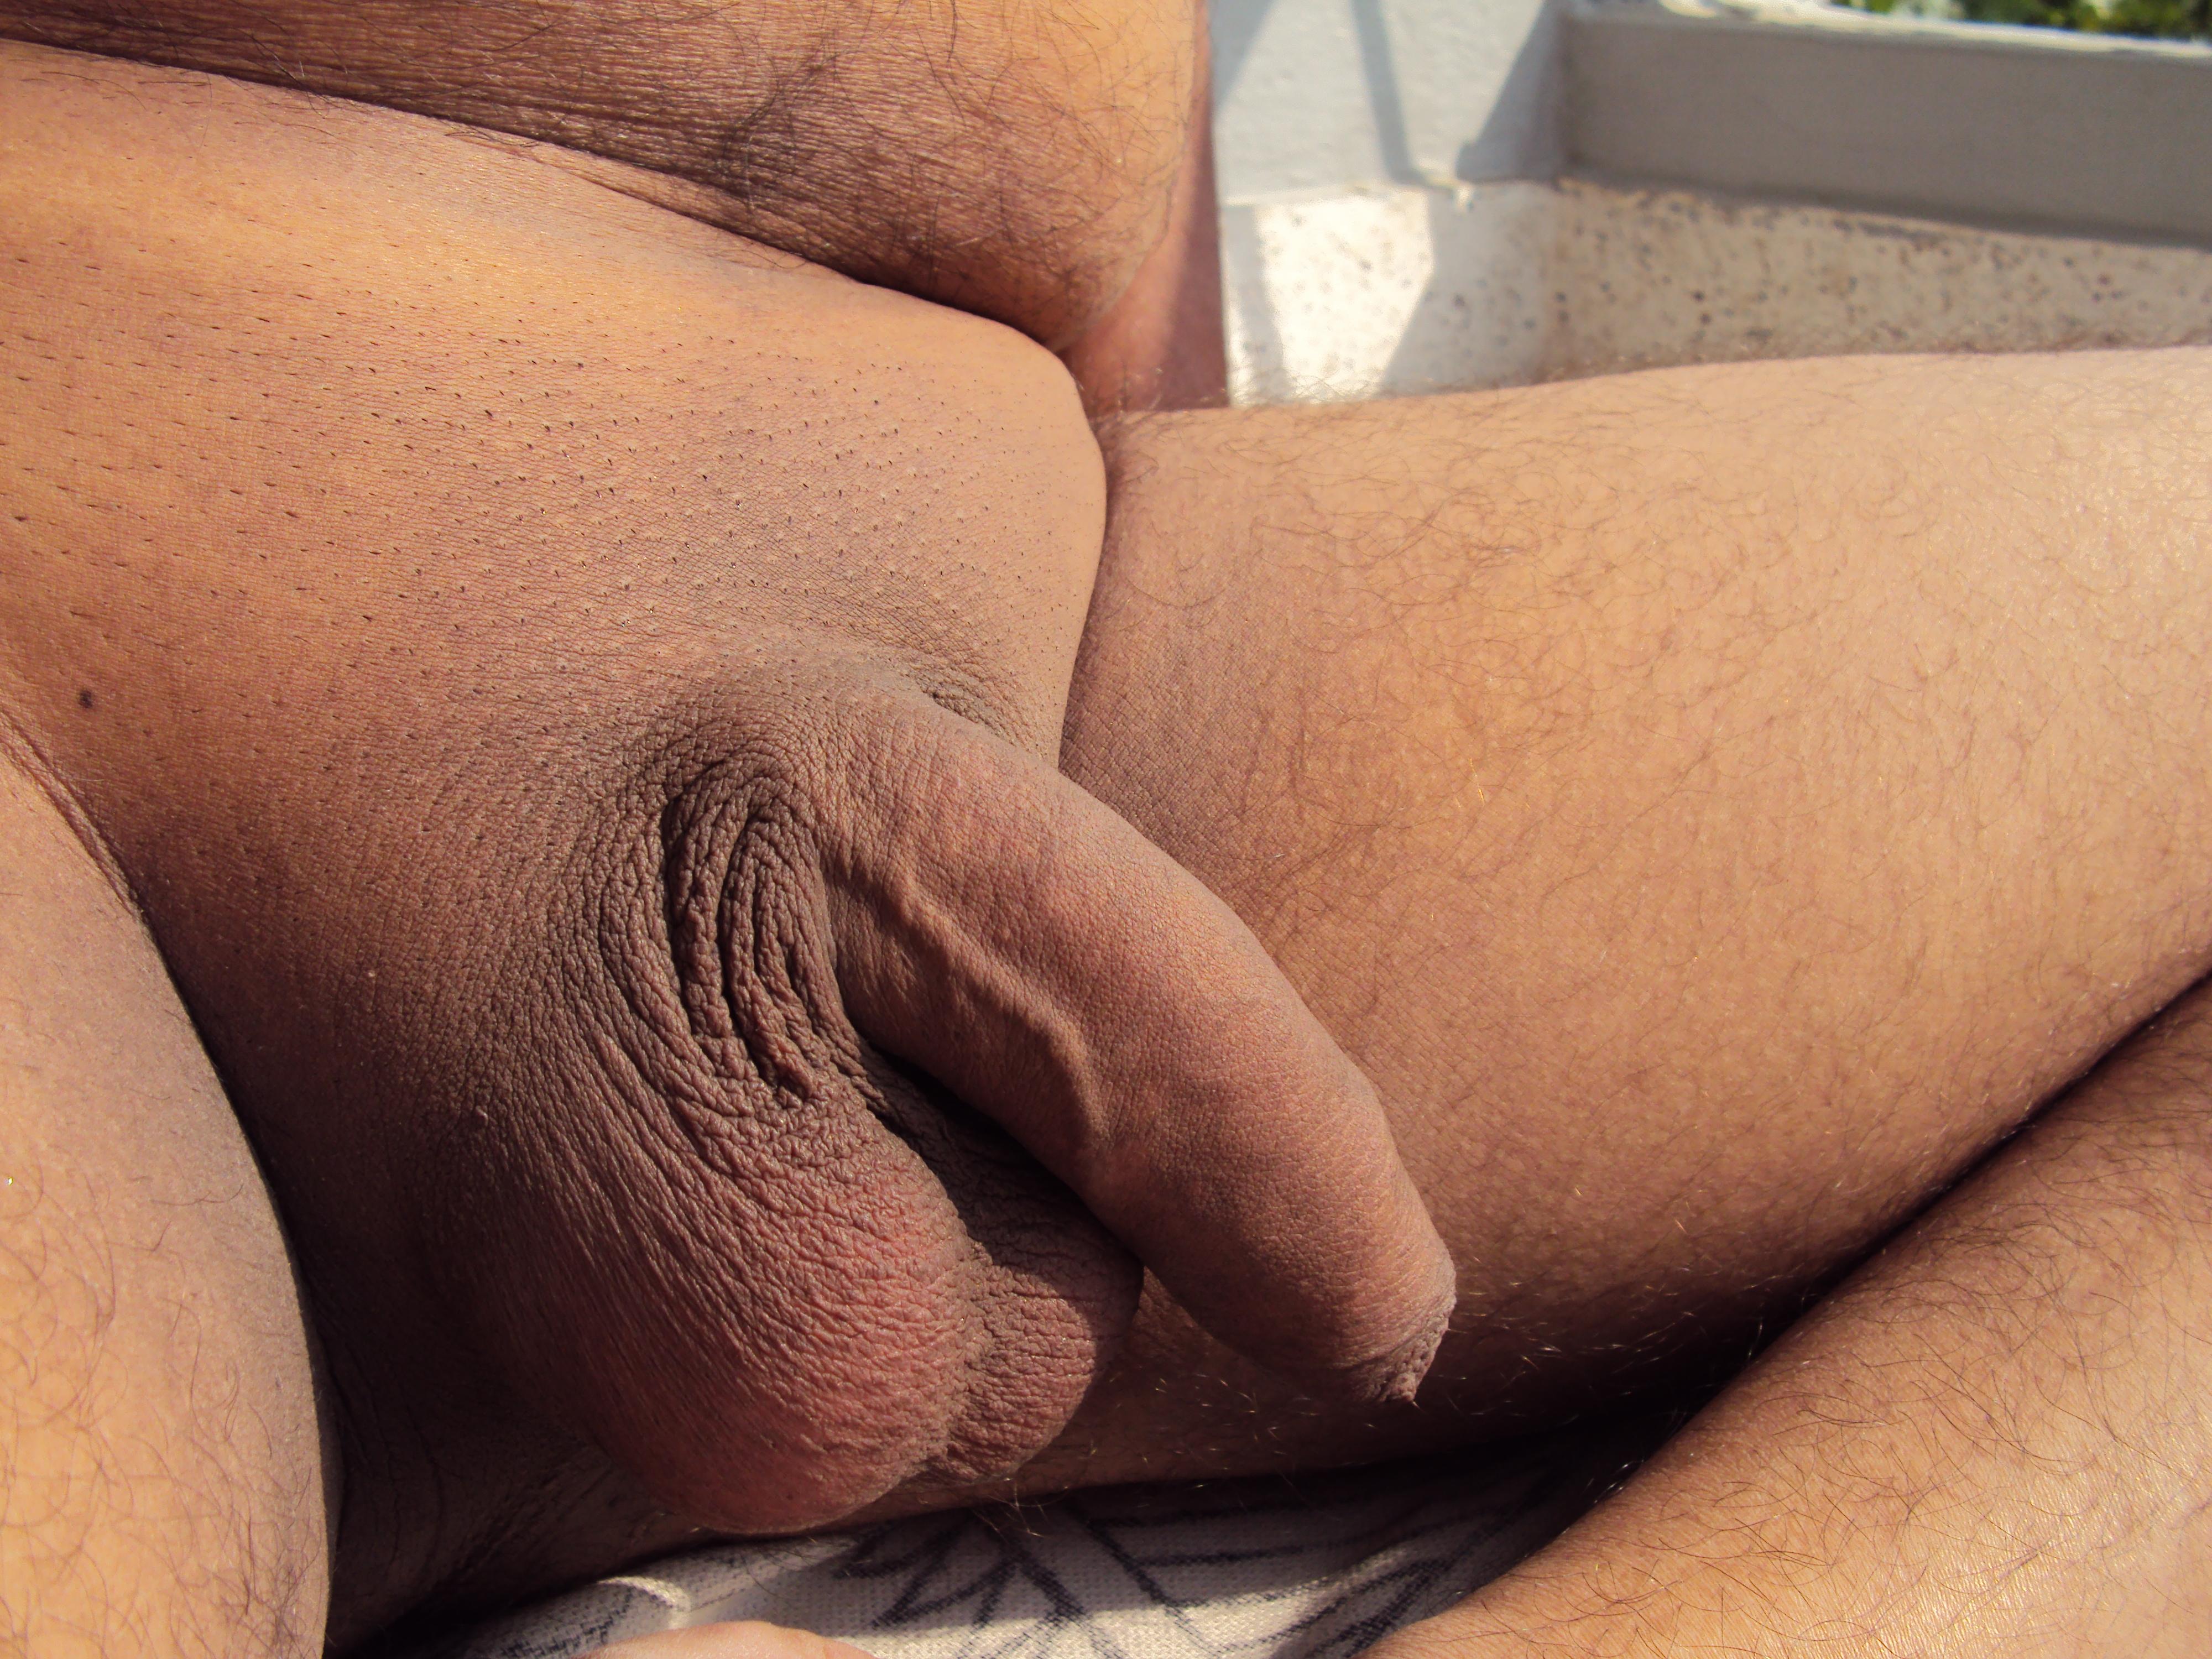 Erect Penis Average Size